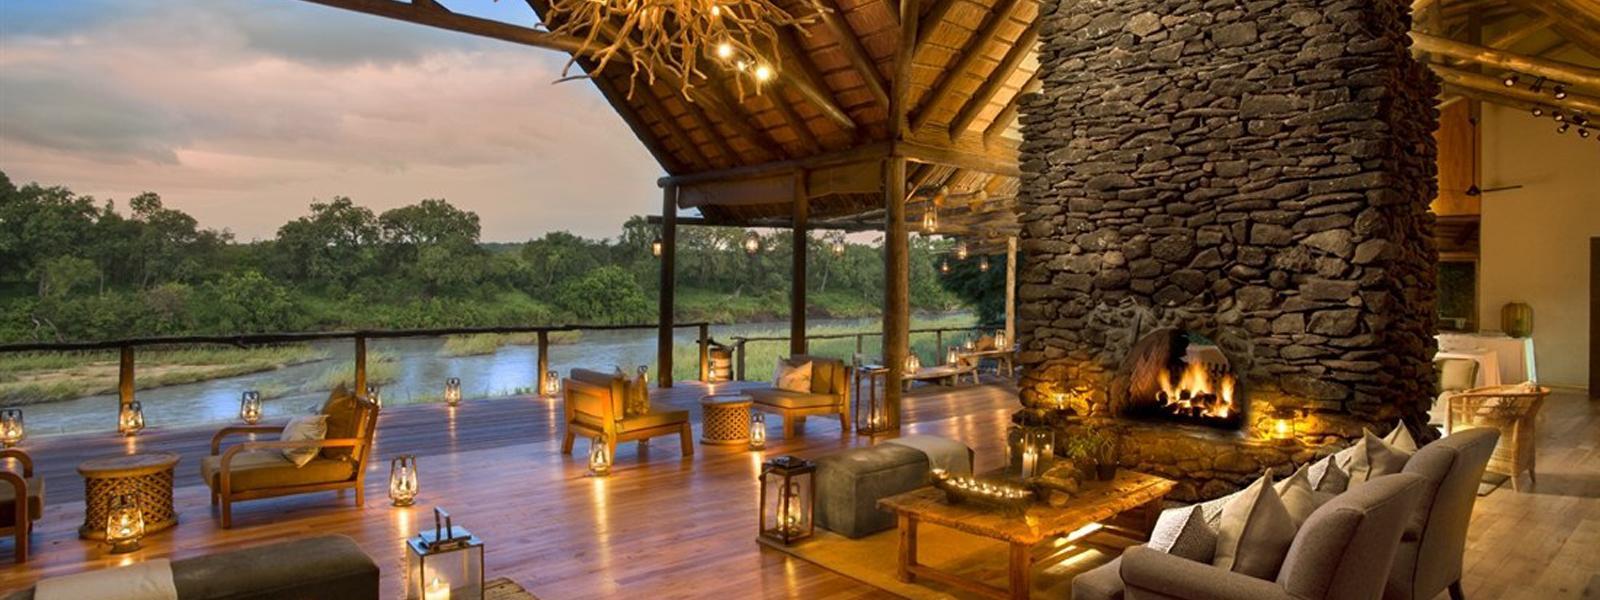 Kampama River Lodge